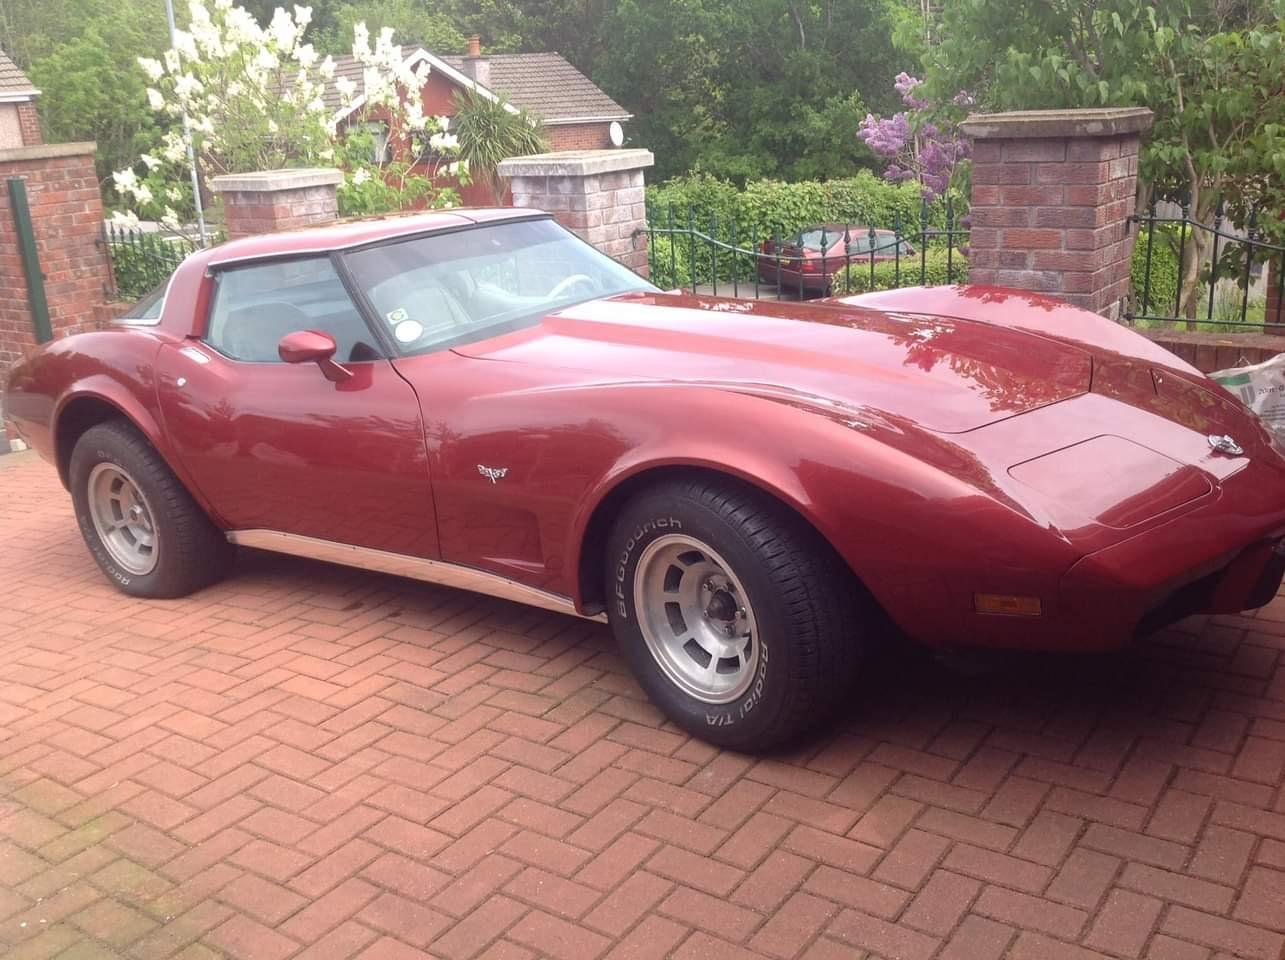 1991 Corvette 1978 Anniversary Edition For Sale (picture 1 of 8)